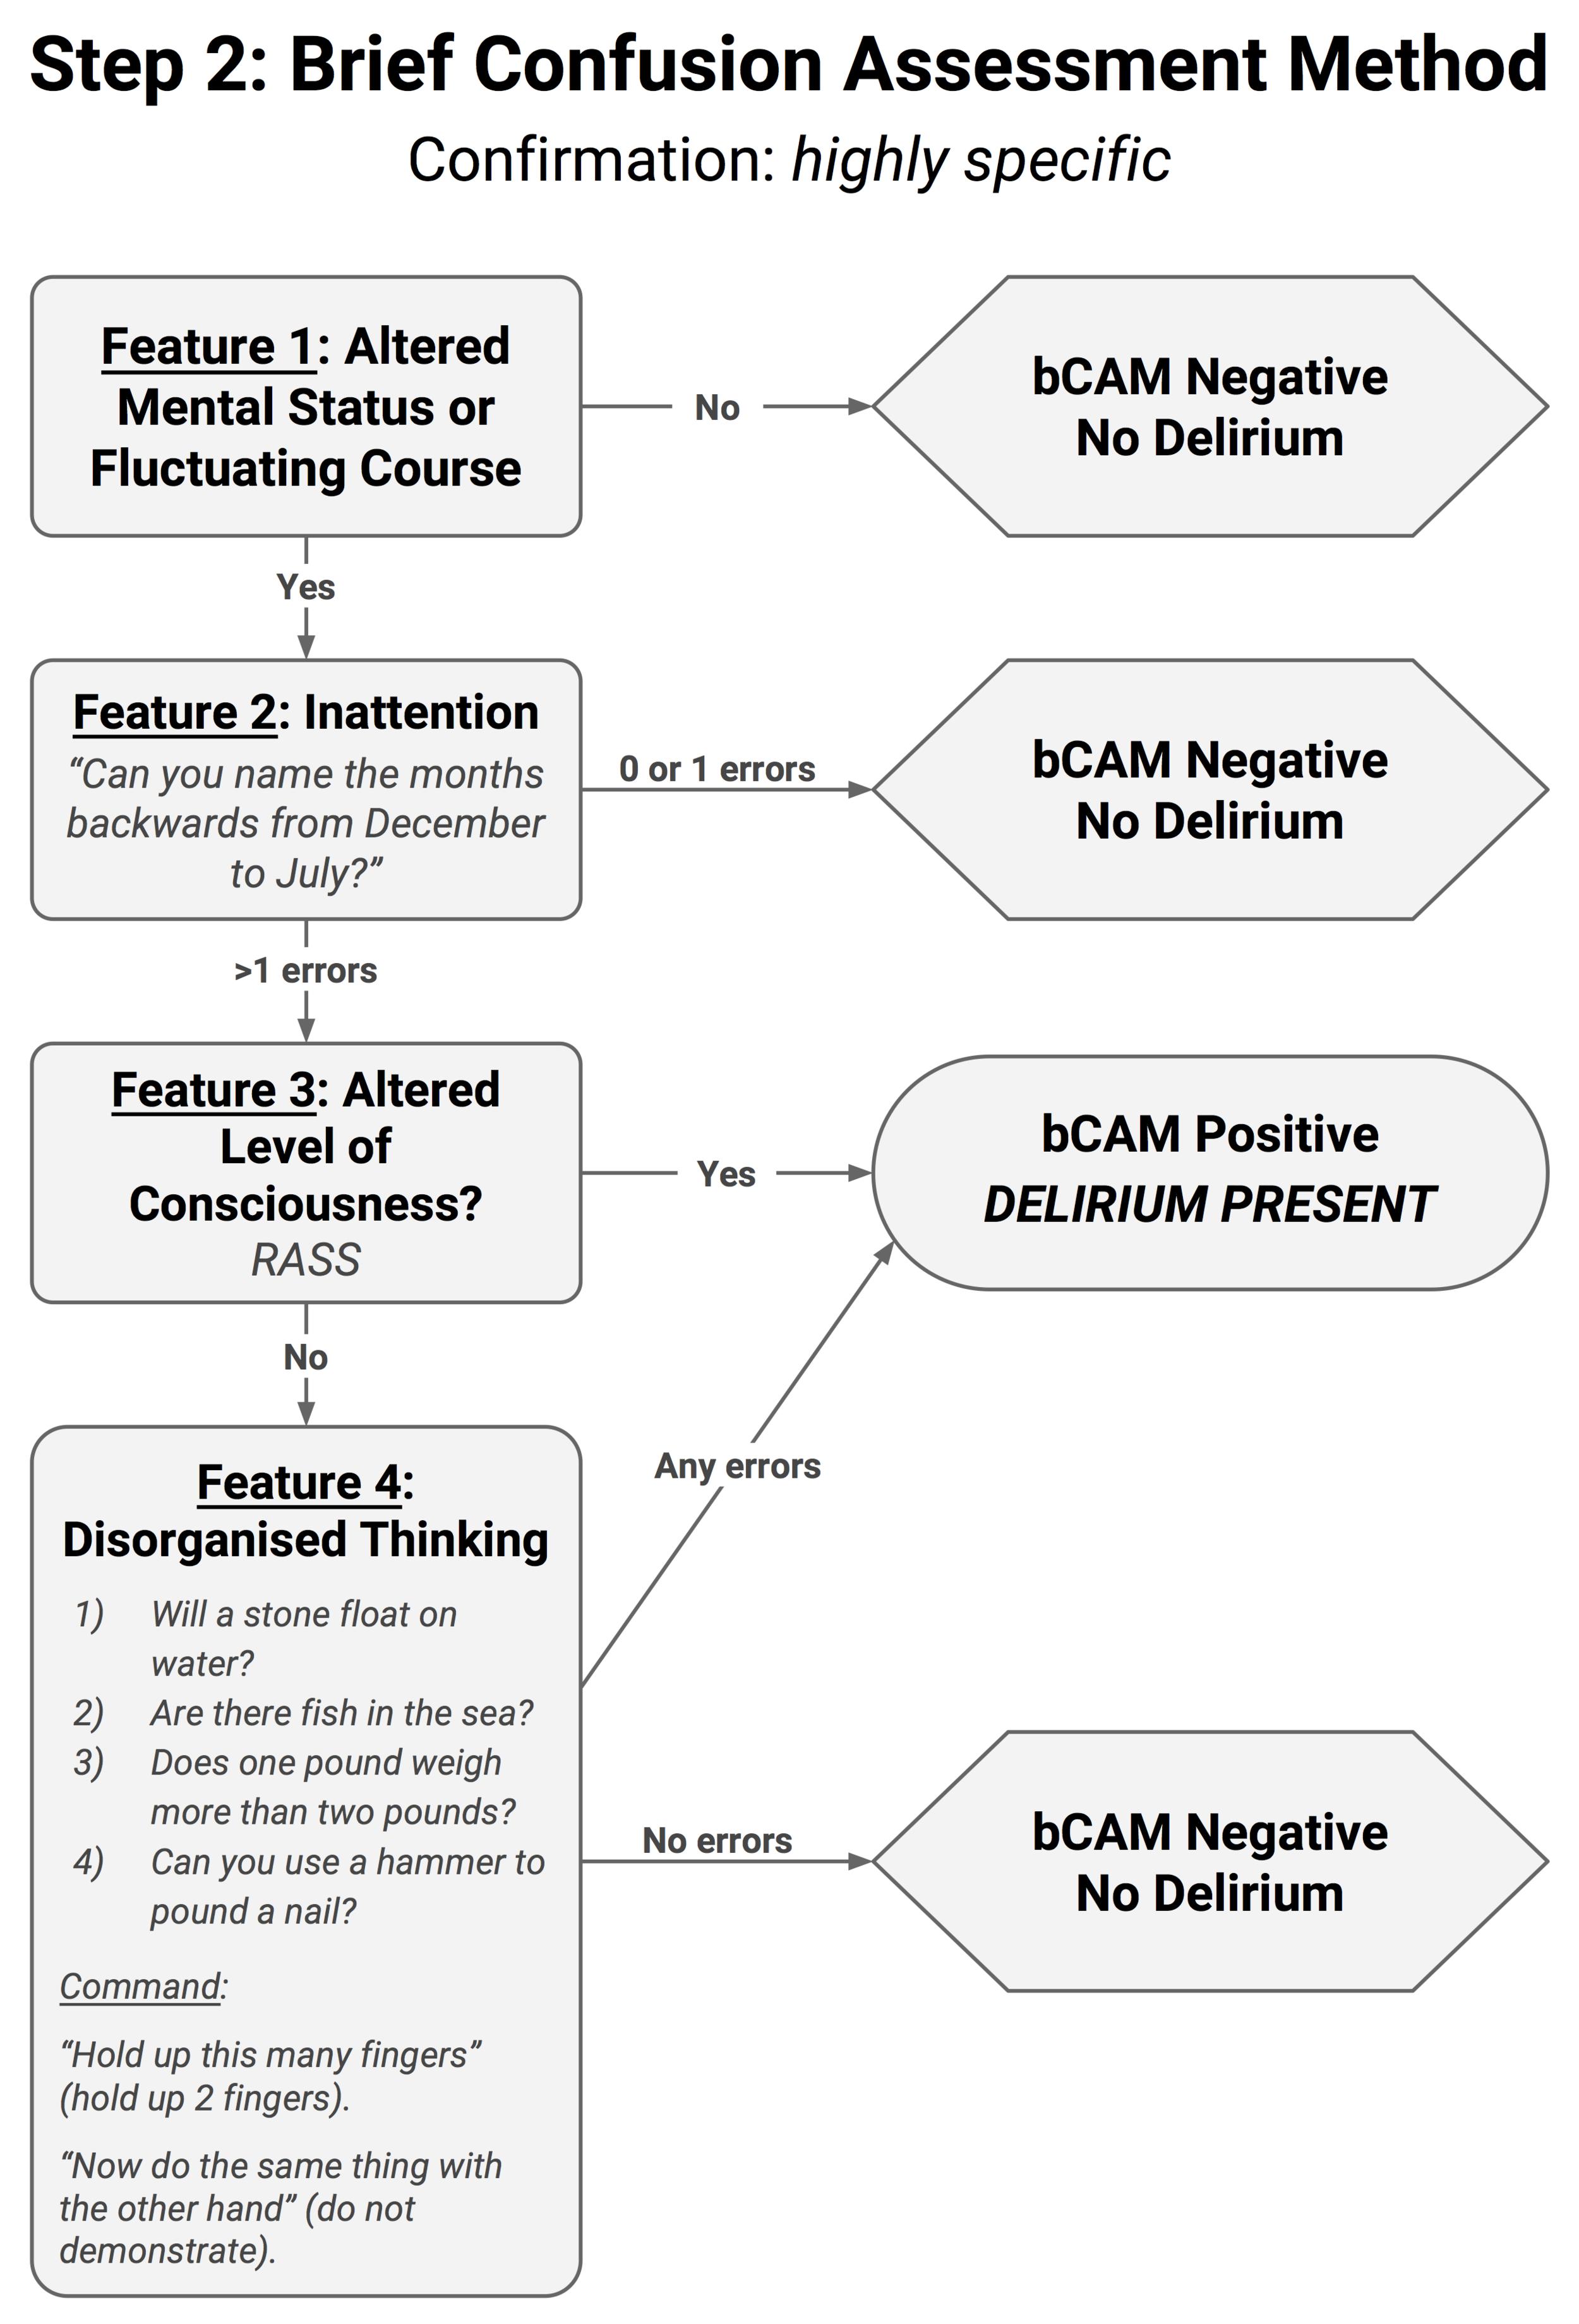 Diagram 3.  Brief Confusion Assessment Method (bCAM)